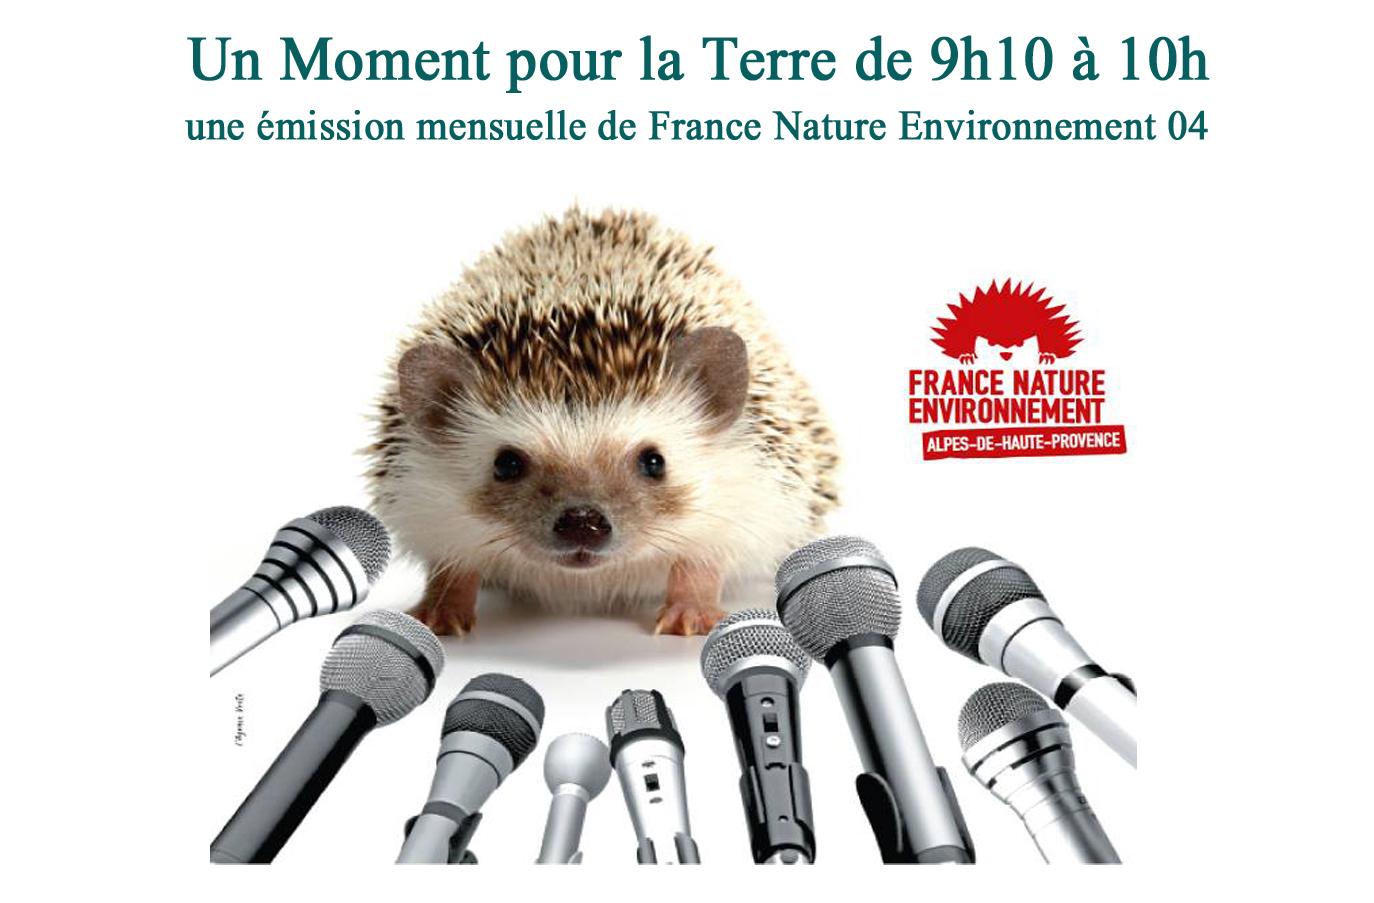 Un moment pour la terre avec France Nature Environnement